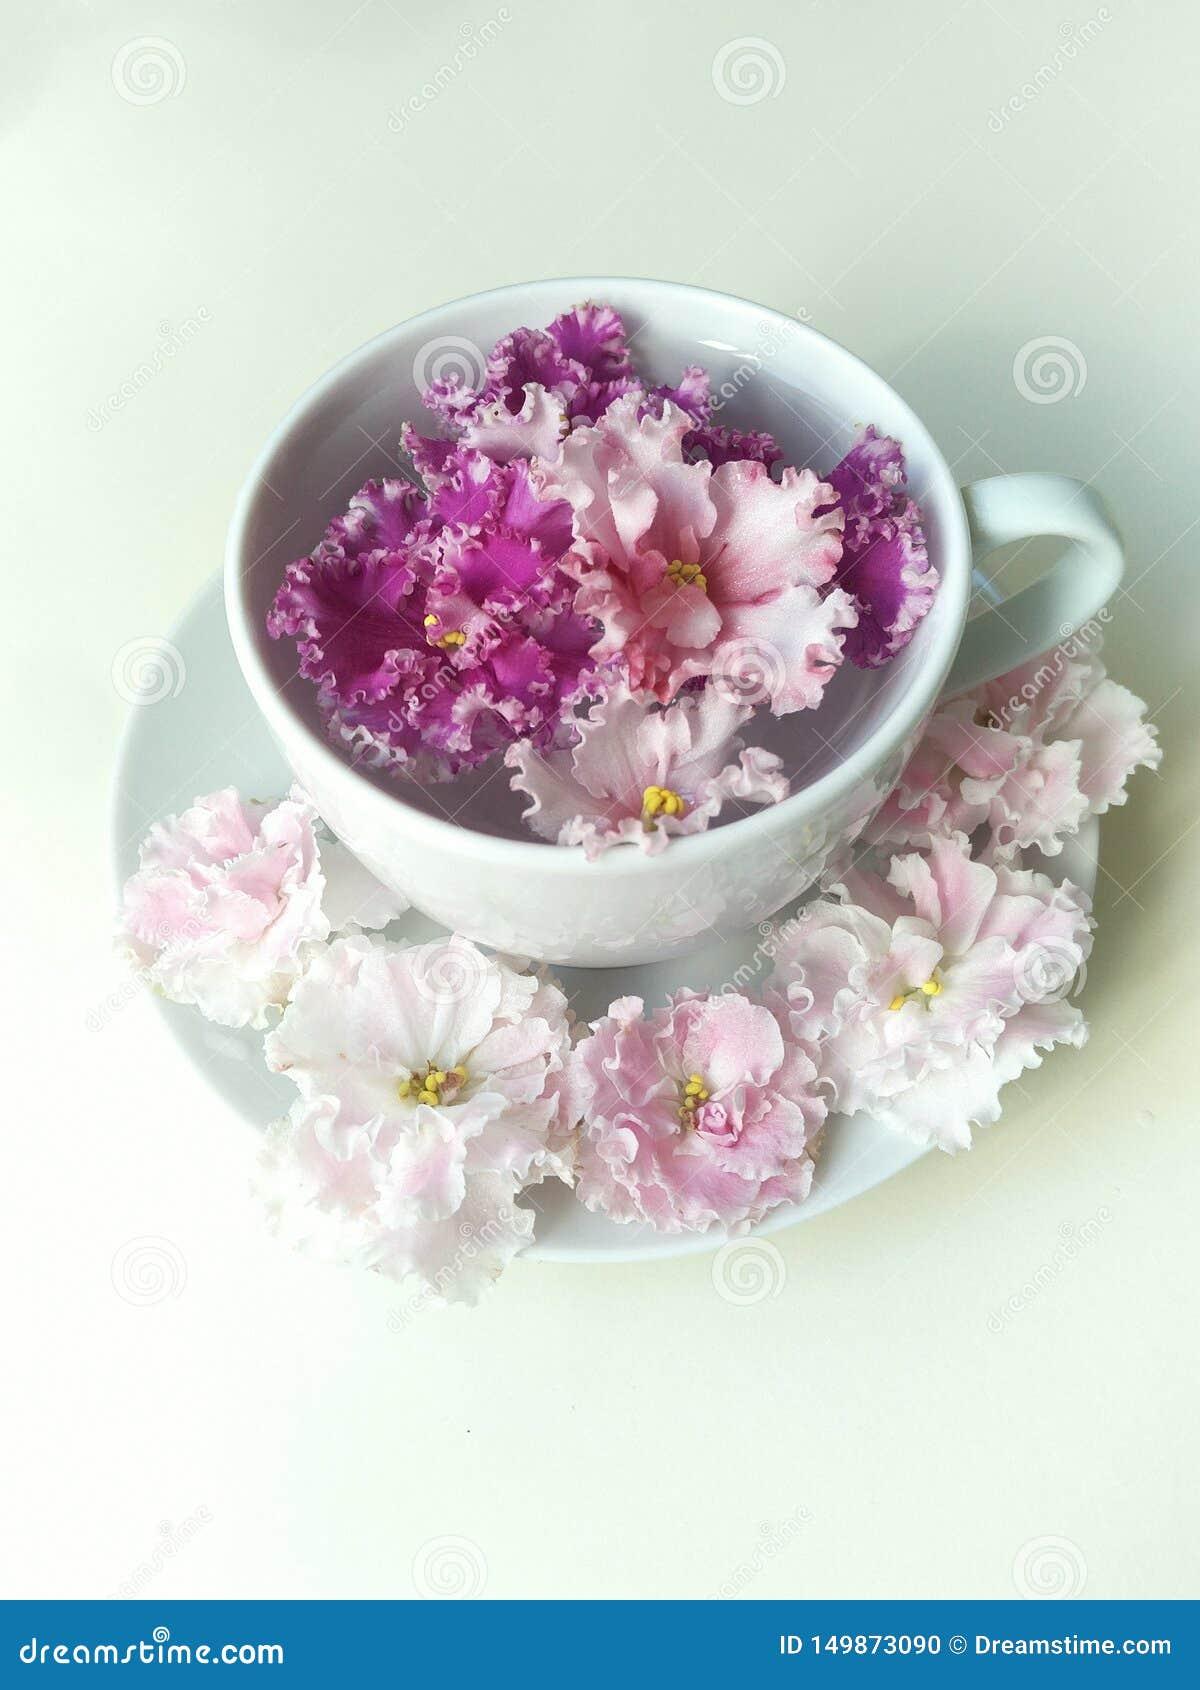 Rent vatten i en kopp och ett tefat, en karmosinröd blomma som svävar i en kopp, sex delikata blommor som ligger runt om tefatet